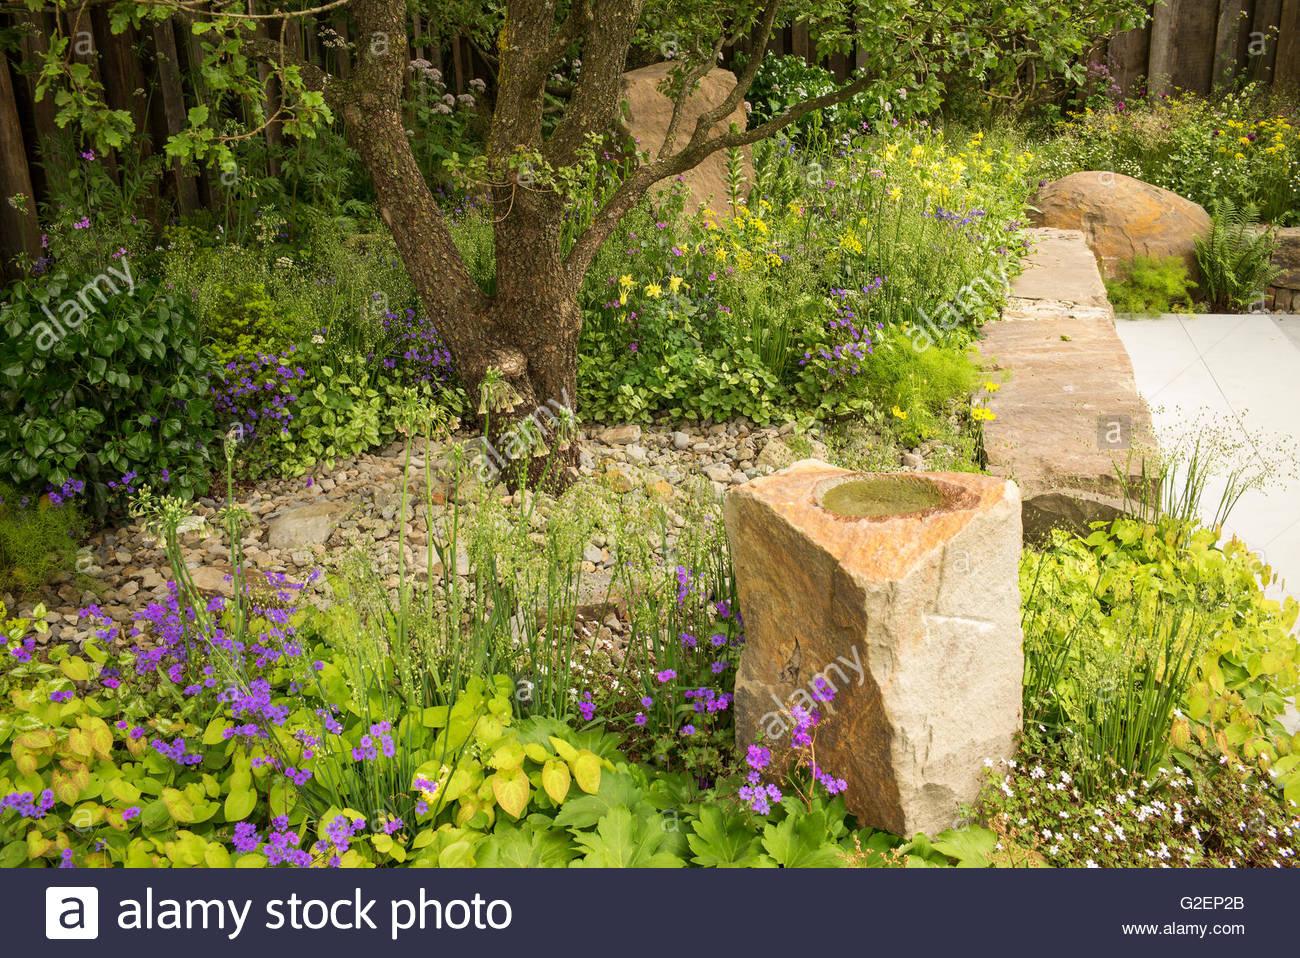 wald zu pflanzen, steinmauer und felsbrocken in der m & g garten